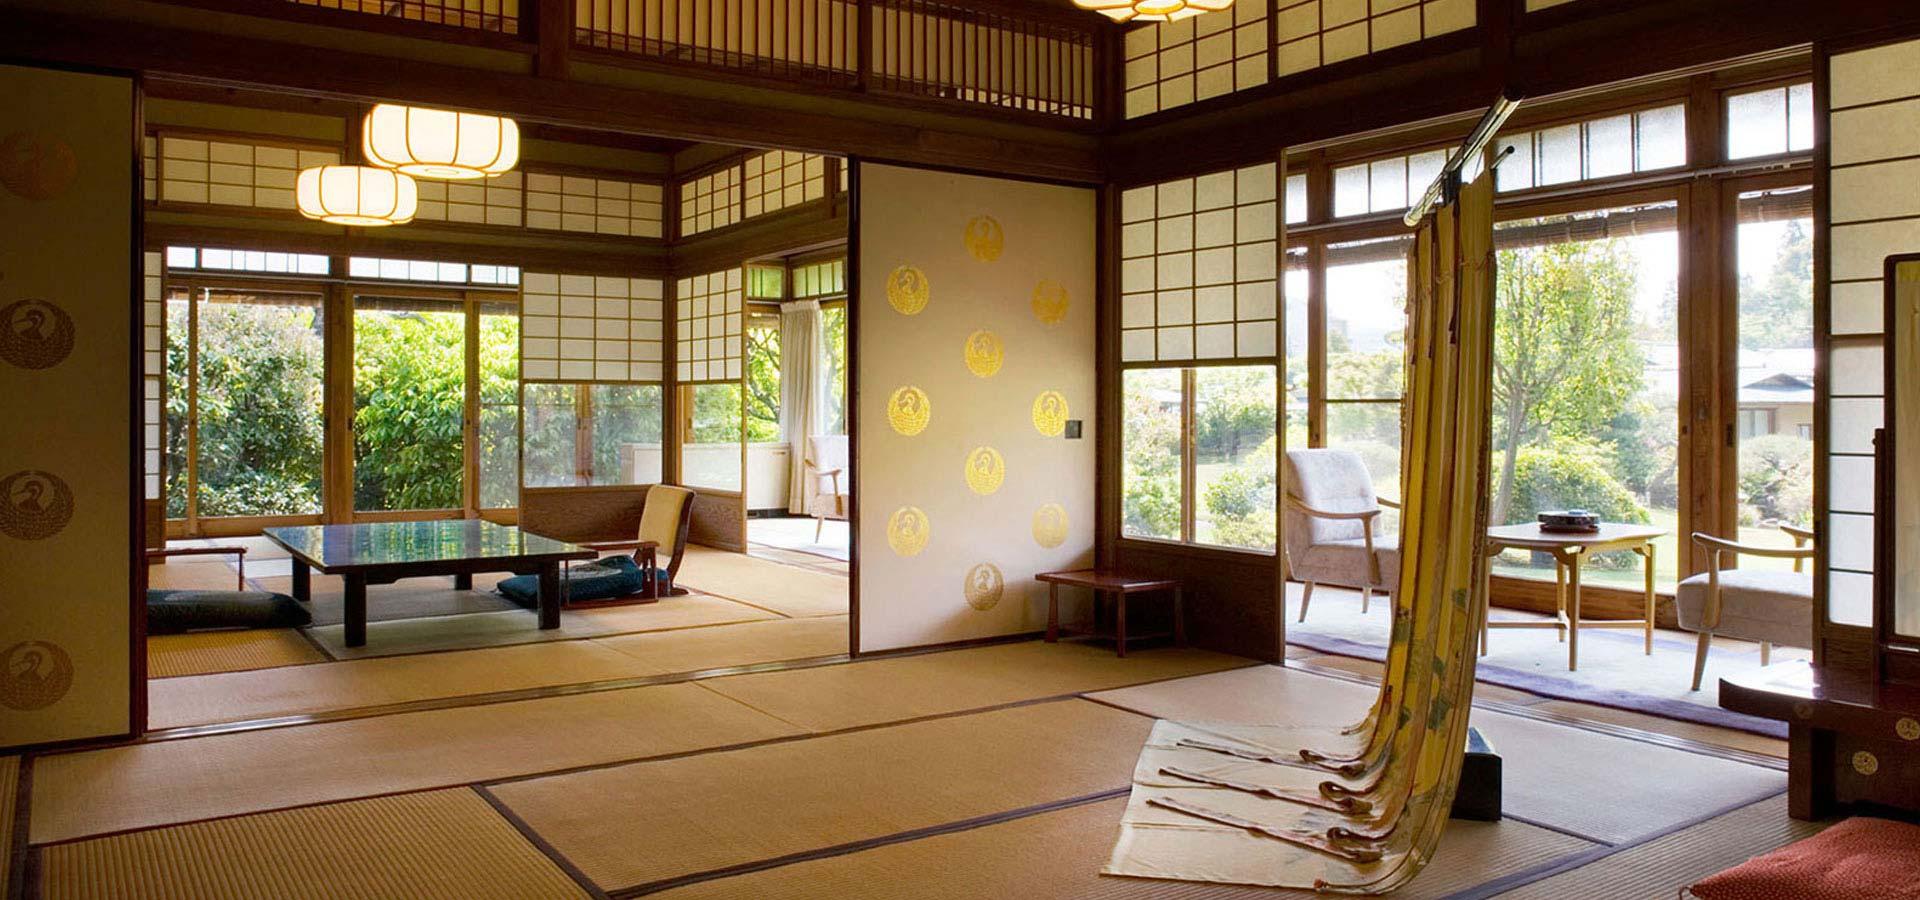 旅館と日本のしきたり